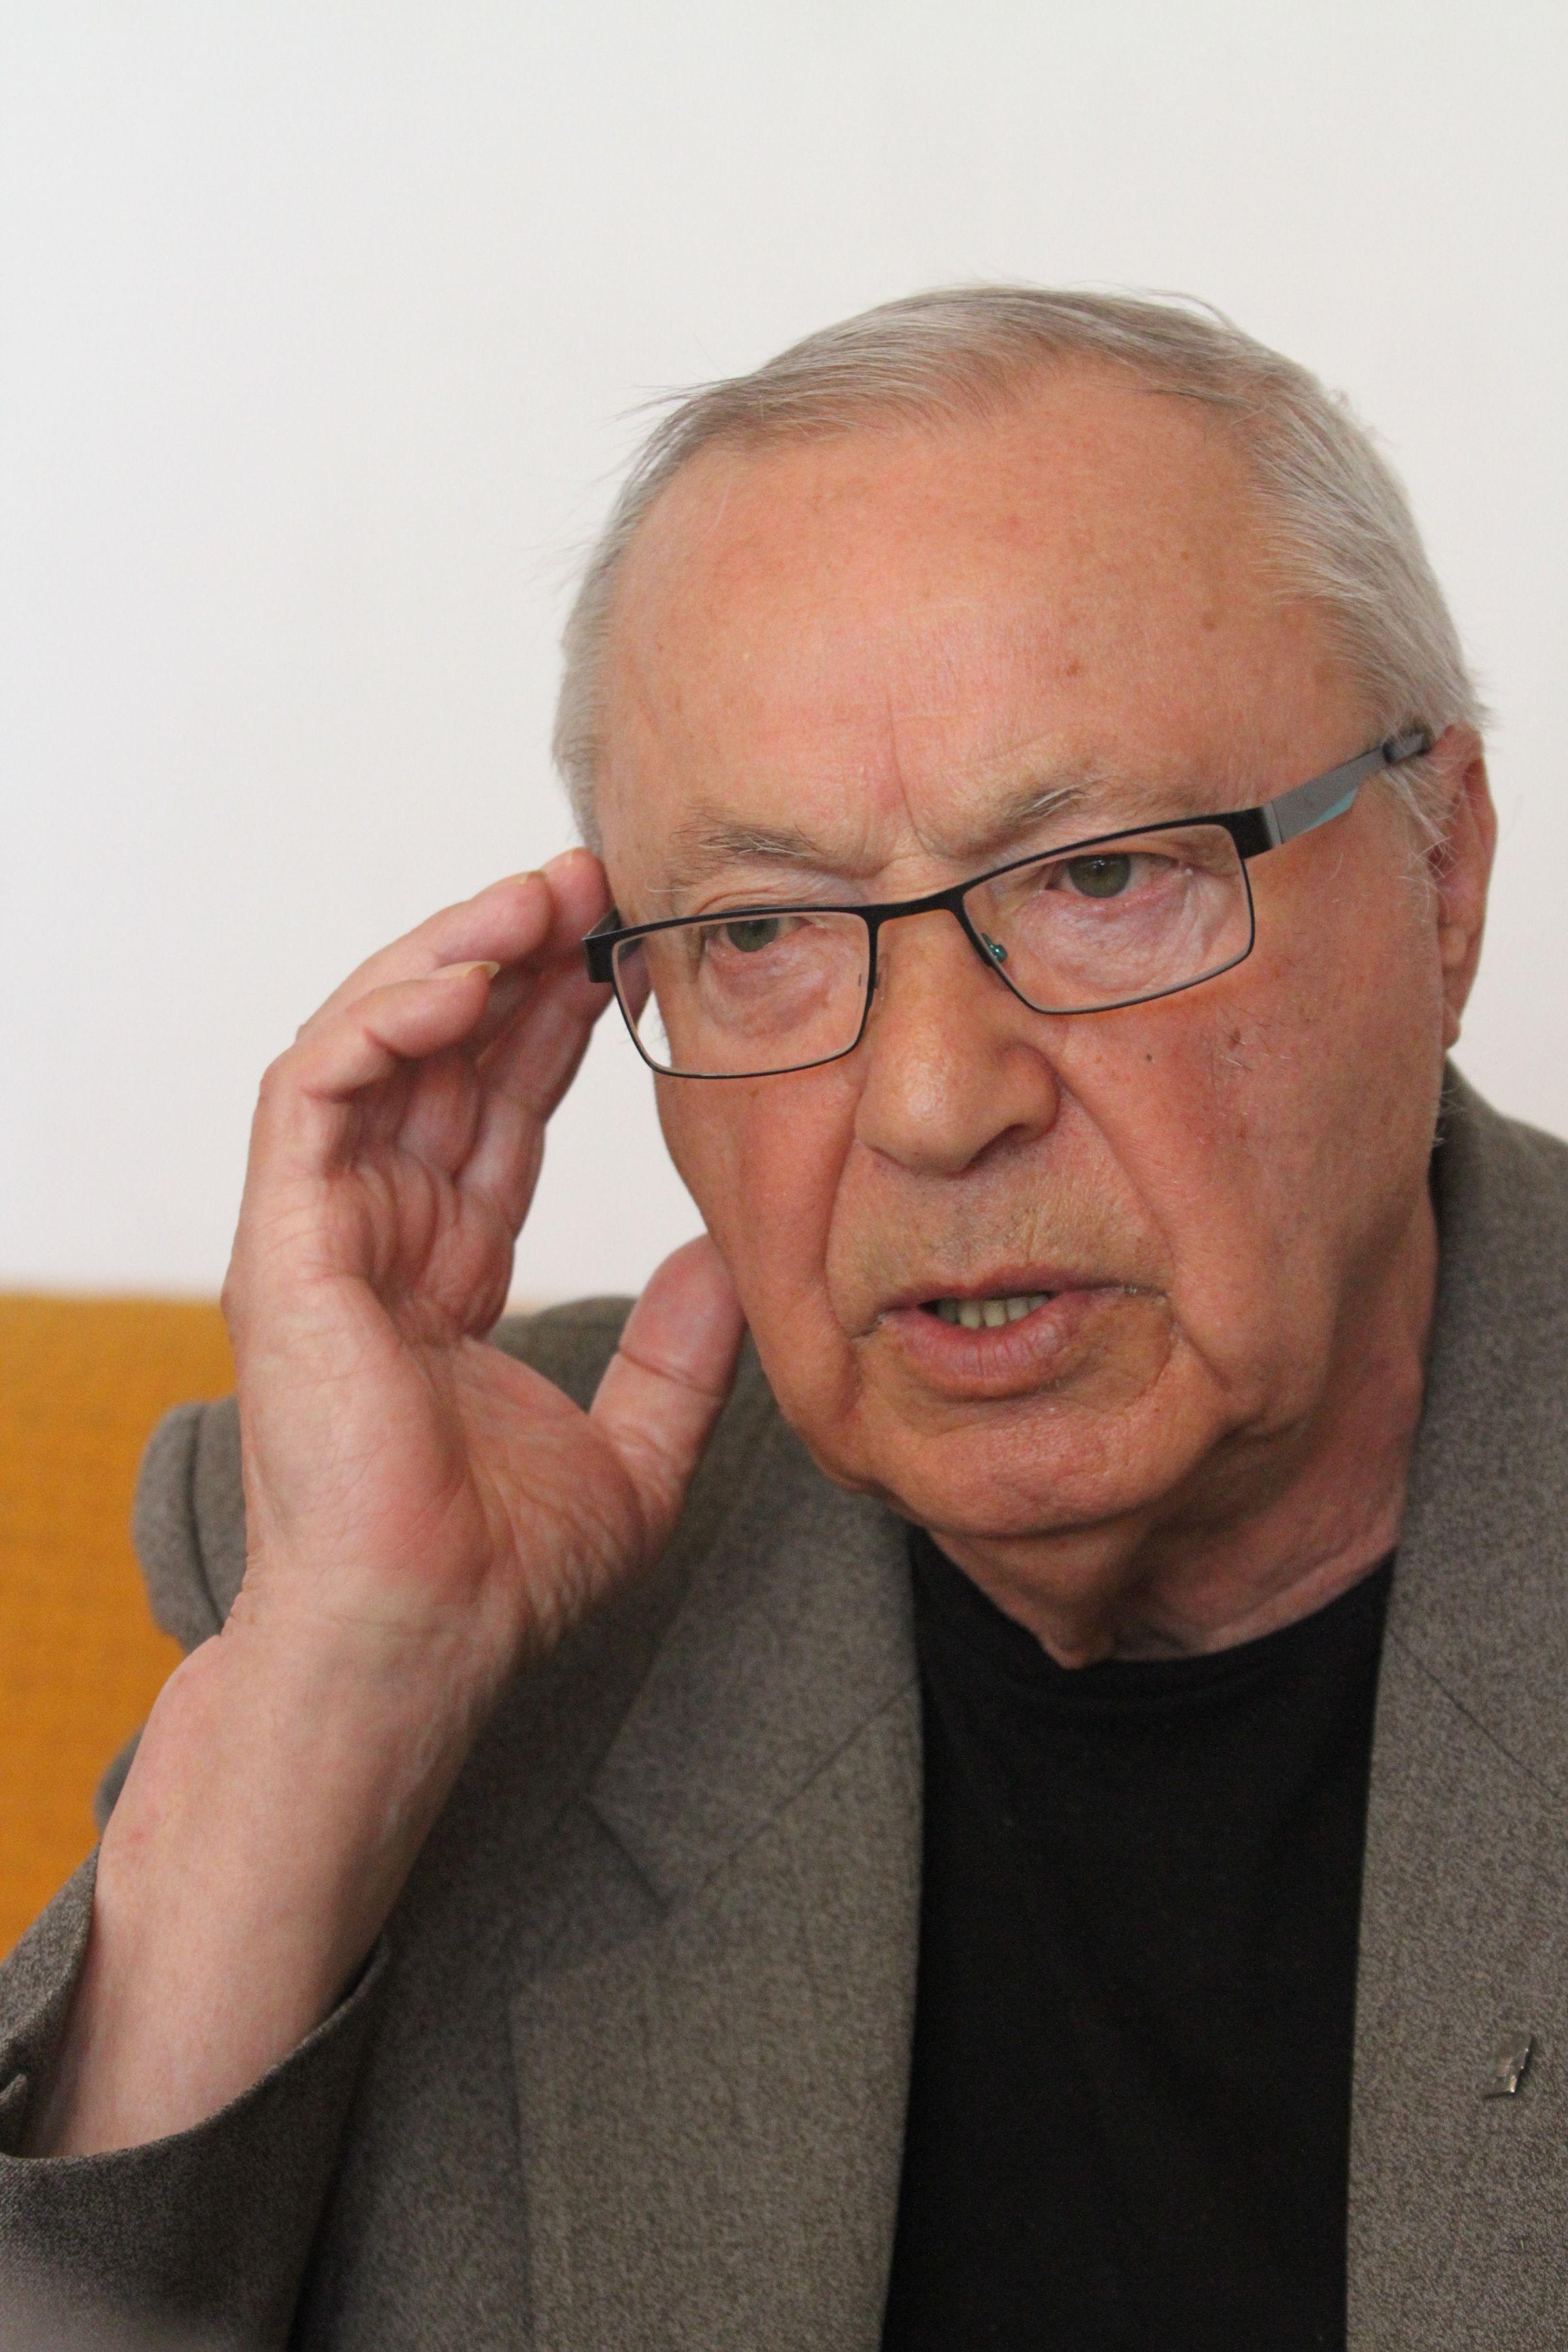 Edward Róg pochodzi z Równego, był w w Berlinie w maju 1945 roku, miał wtedy 15 lat